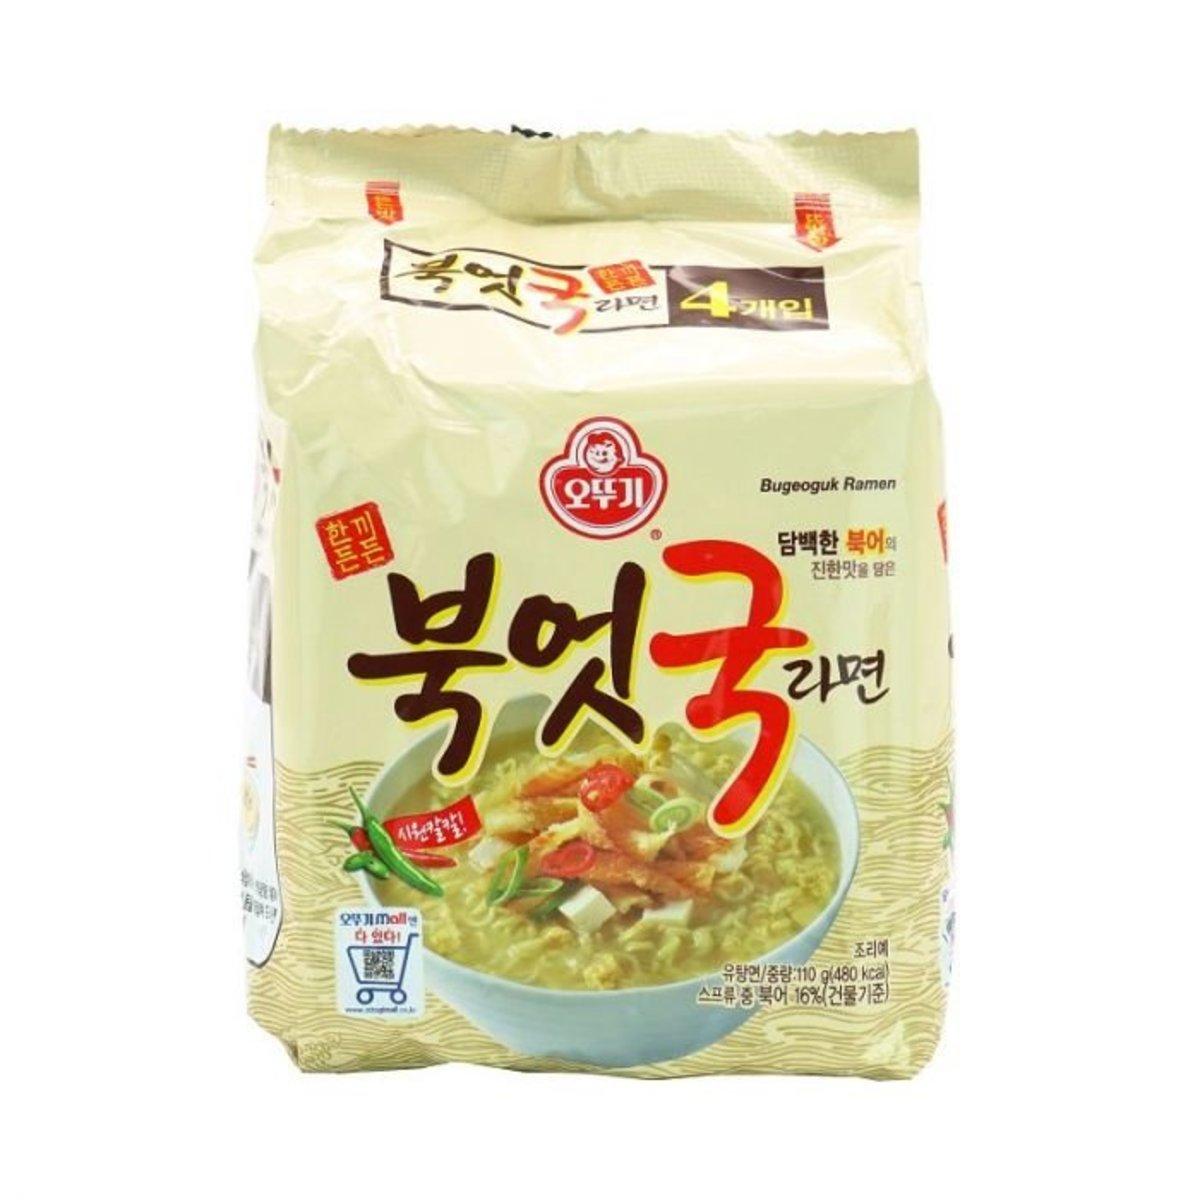 不倒翁韓國明太魚乾湯拉麵(4包)